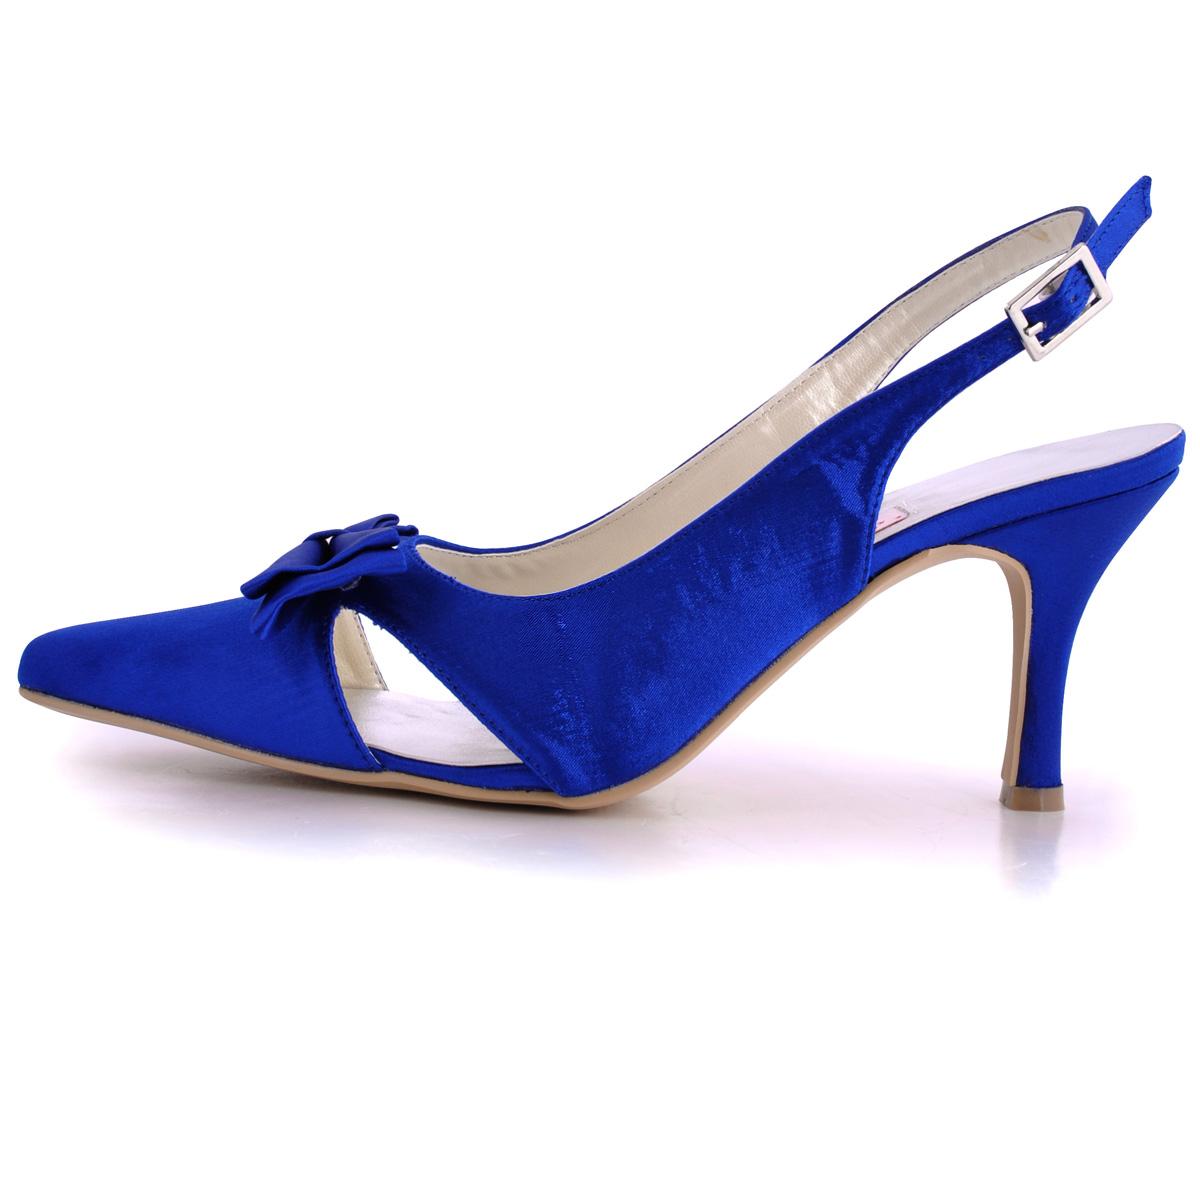 Satin bleu chaussures de mariage